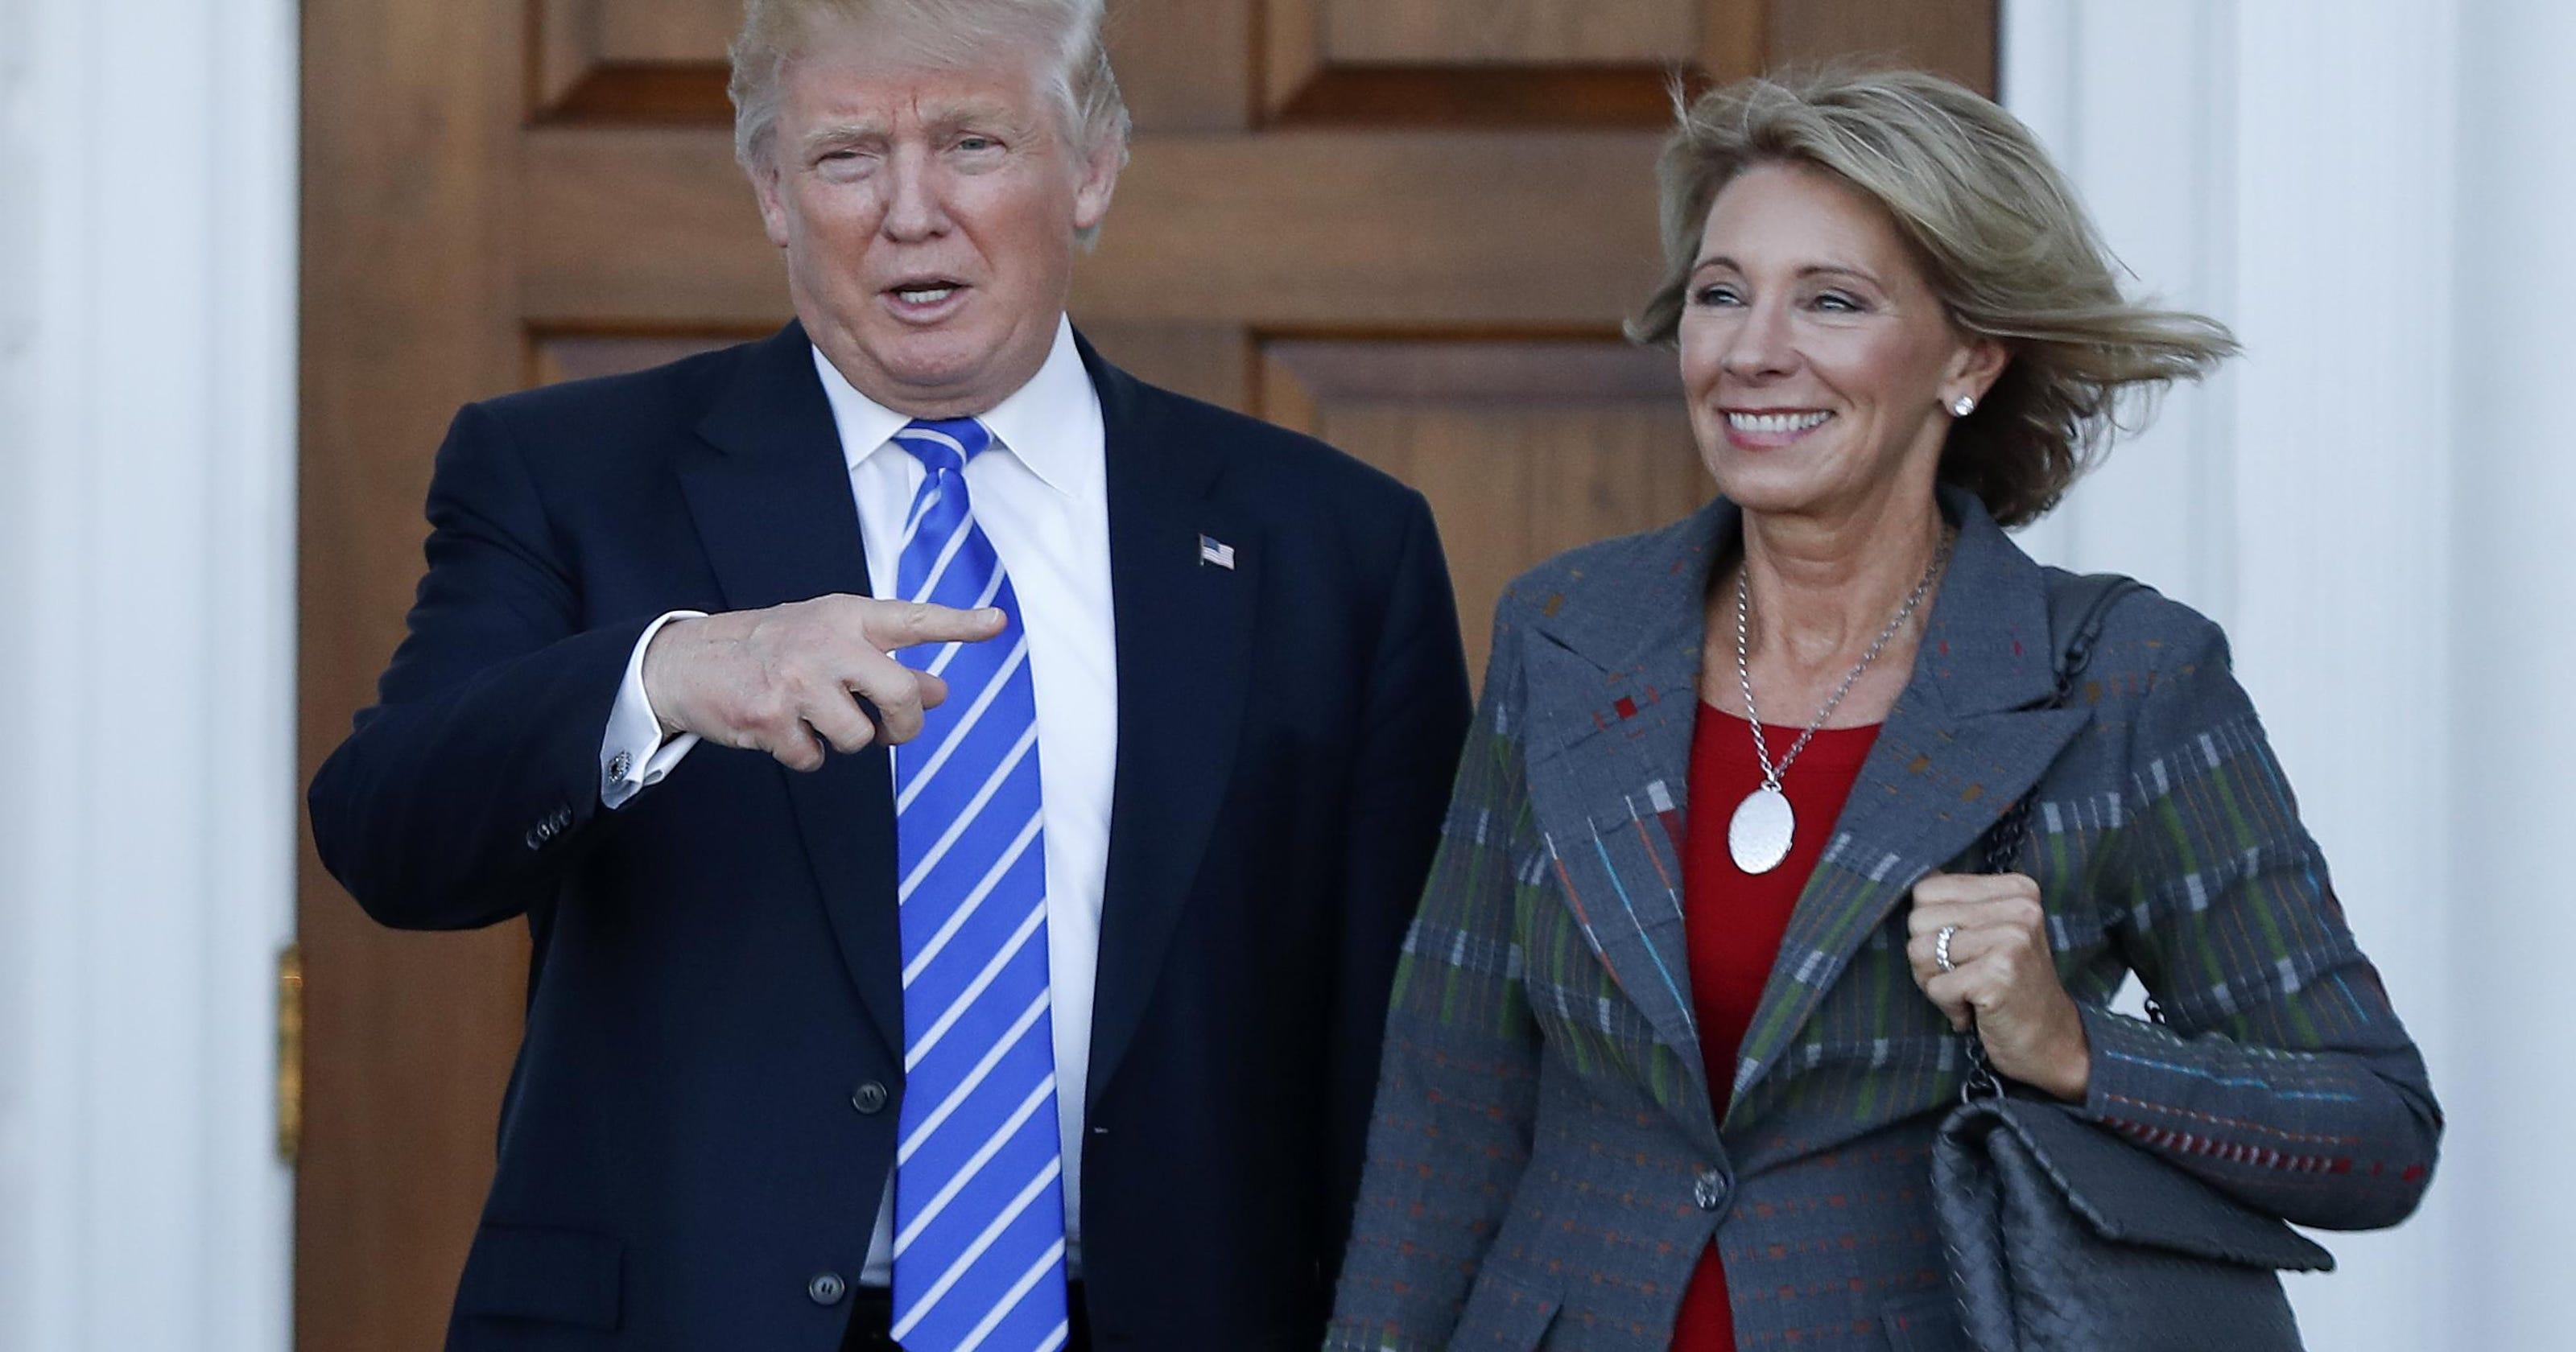 Betsy Devos Trumps Education Pick Plays >> Trump Picks Betsy Devos For Education Secretary Post